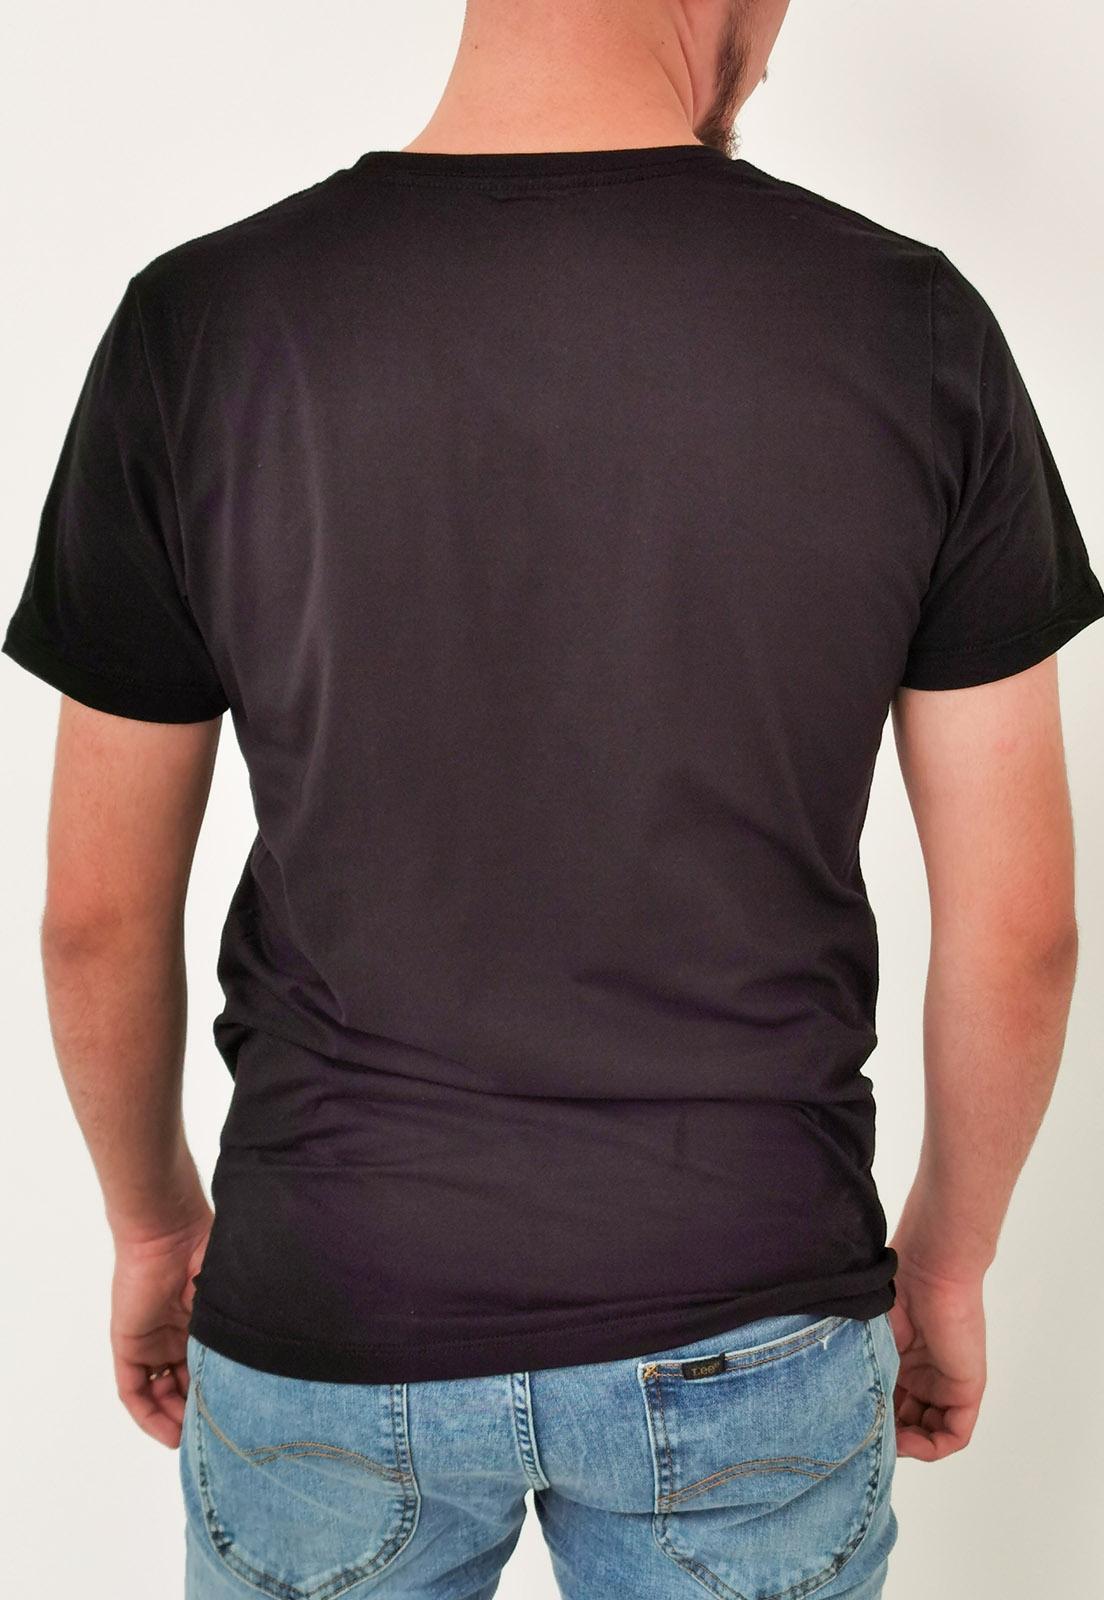 Camiseta Colcci Básica Preta com Bordado